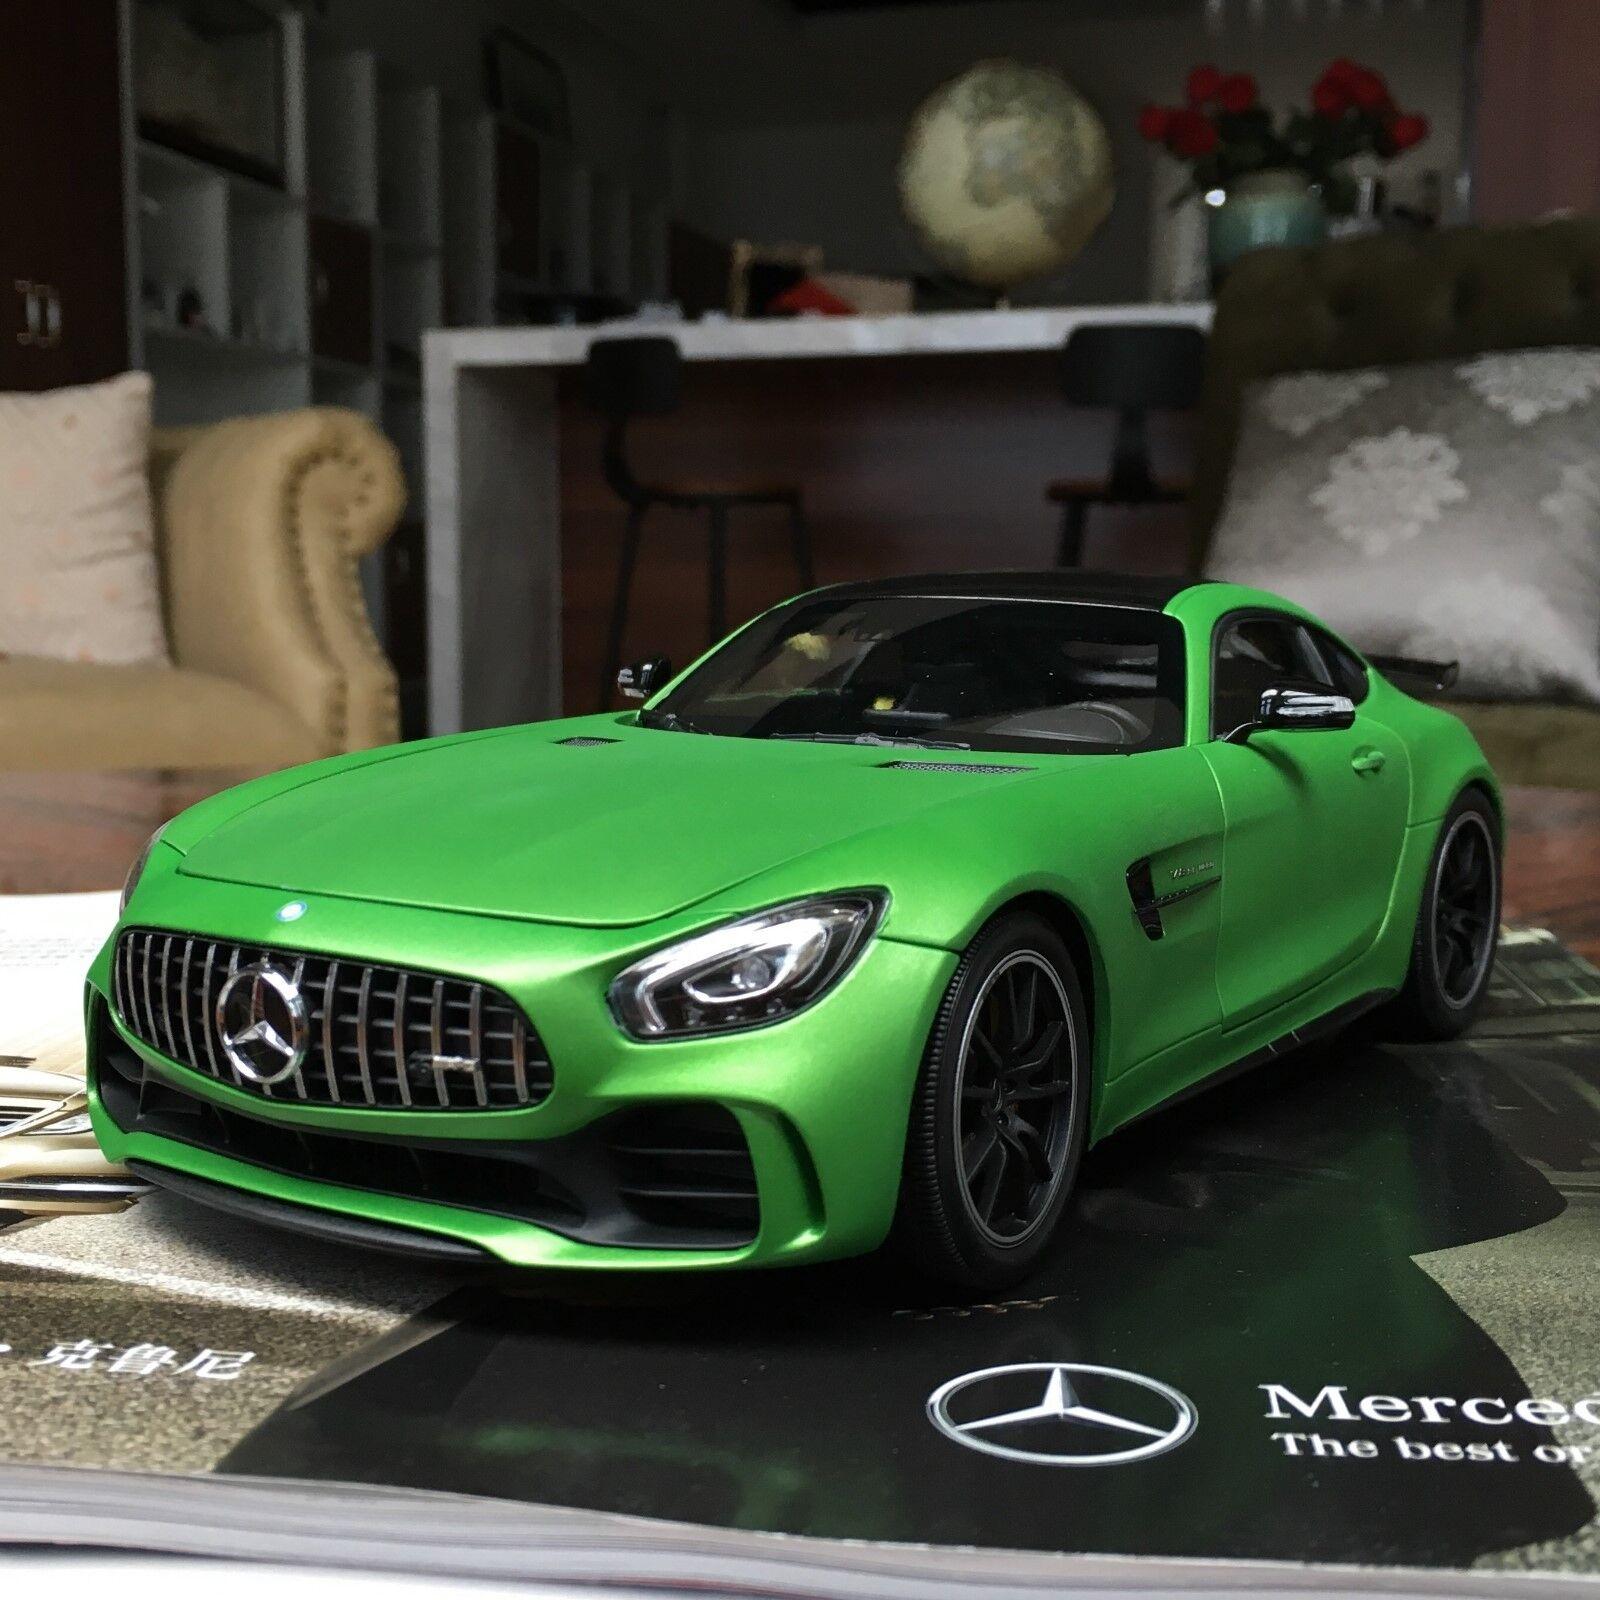 minorista de fitness Nuevo 1 18 Mercedes Mercedes Mercedes Benz AMG GT casi reales R 2017 Modelo de Coche Cierre Abierto verde Mate  Venta barata